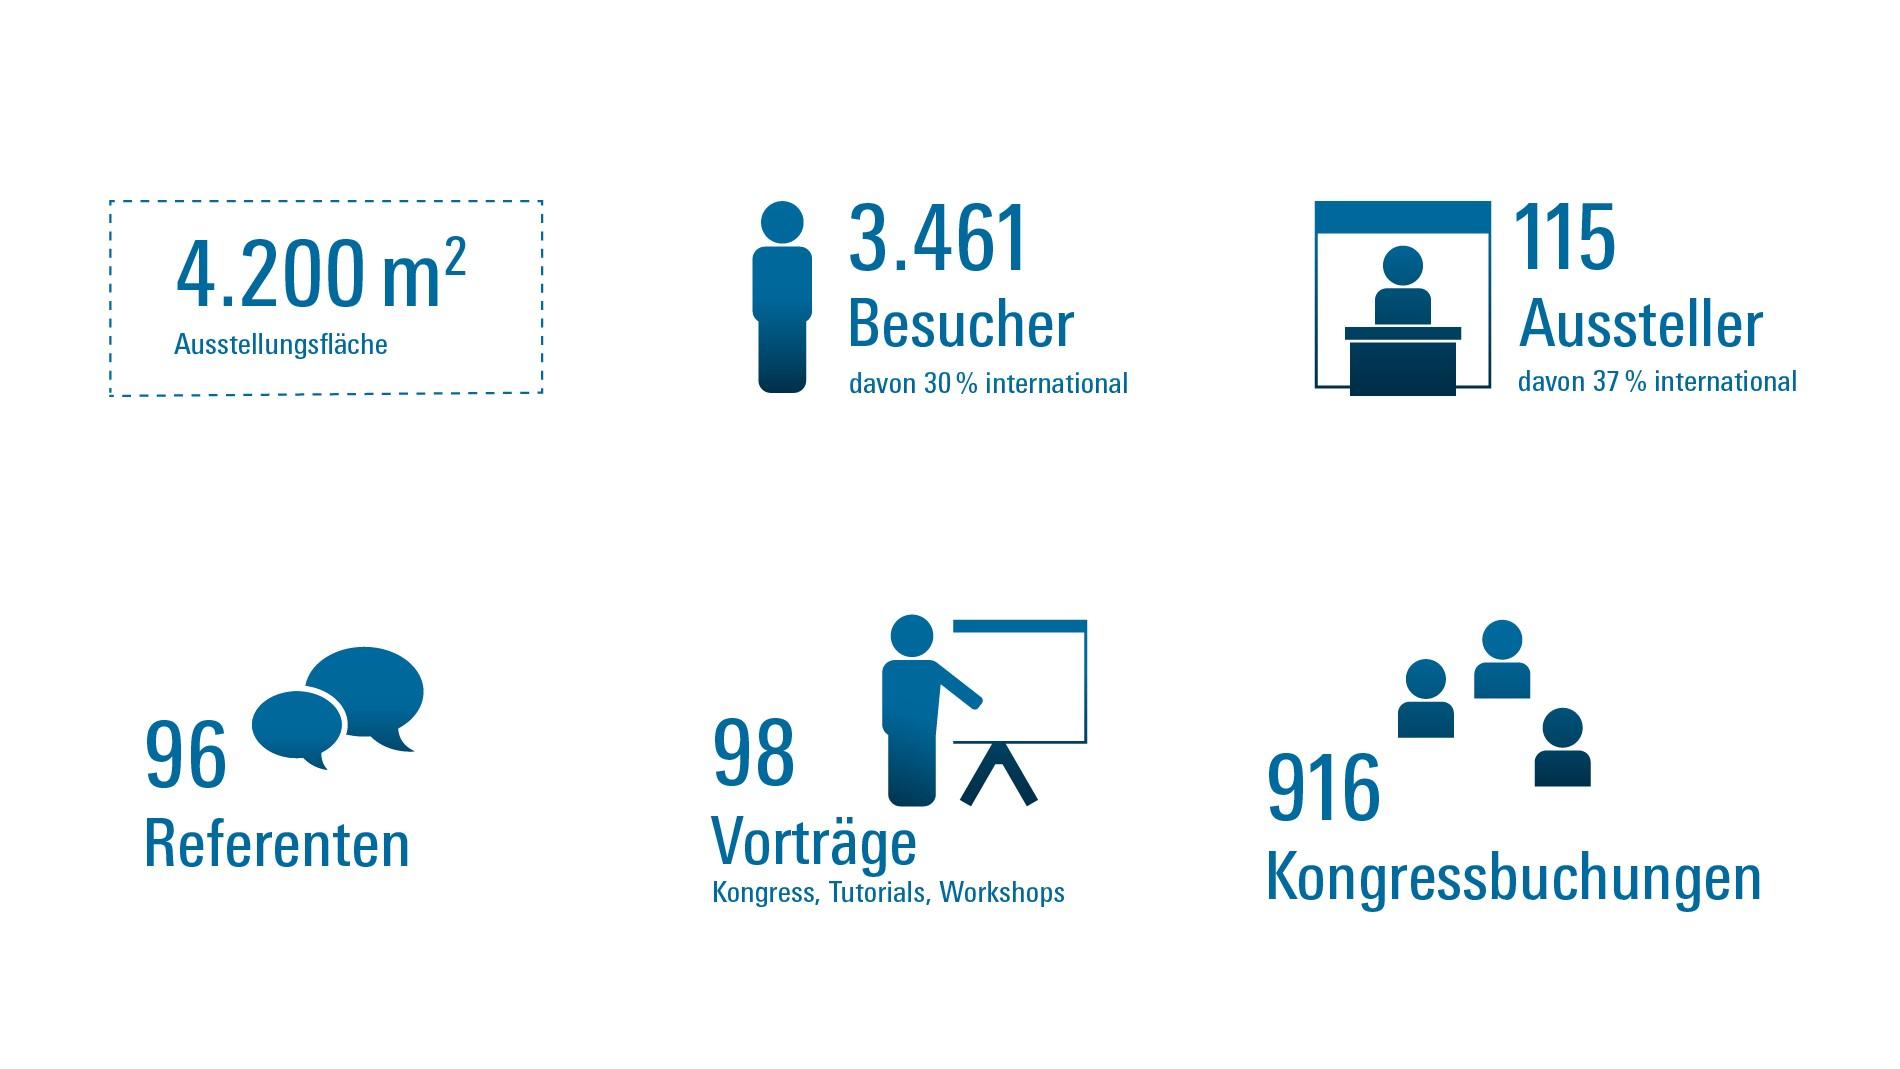 Zahlen & Fakten - EMV - Mesago